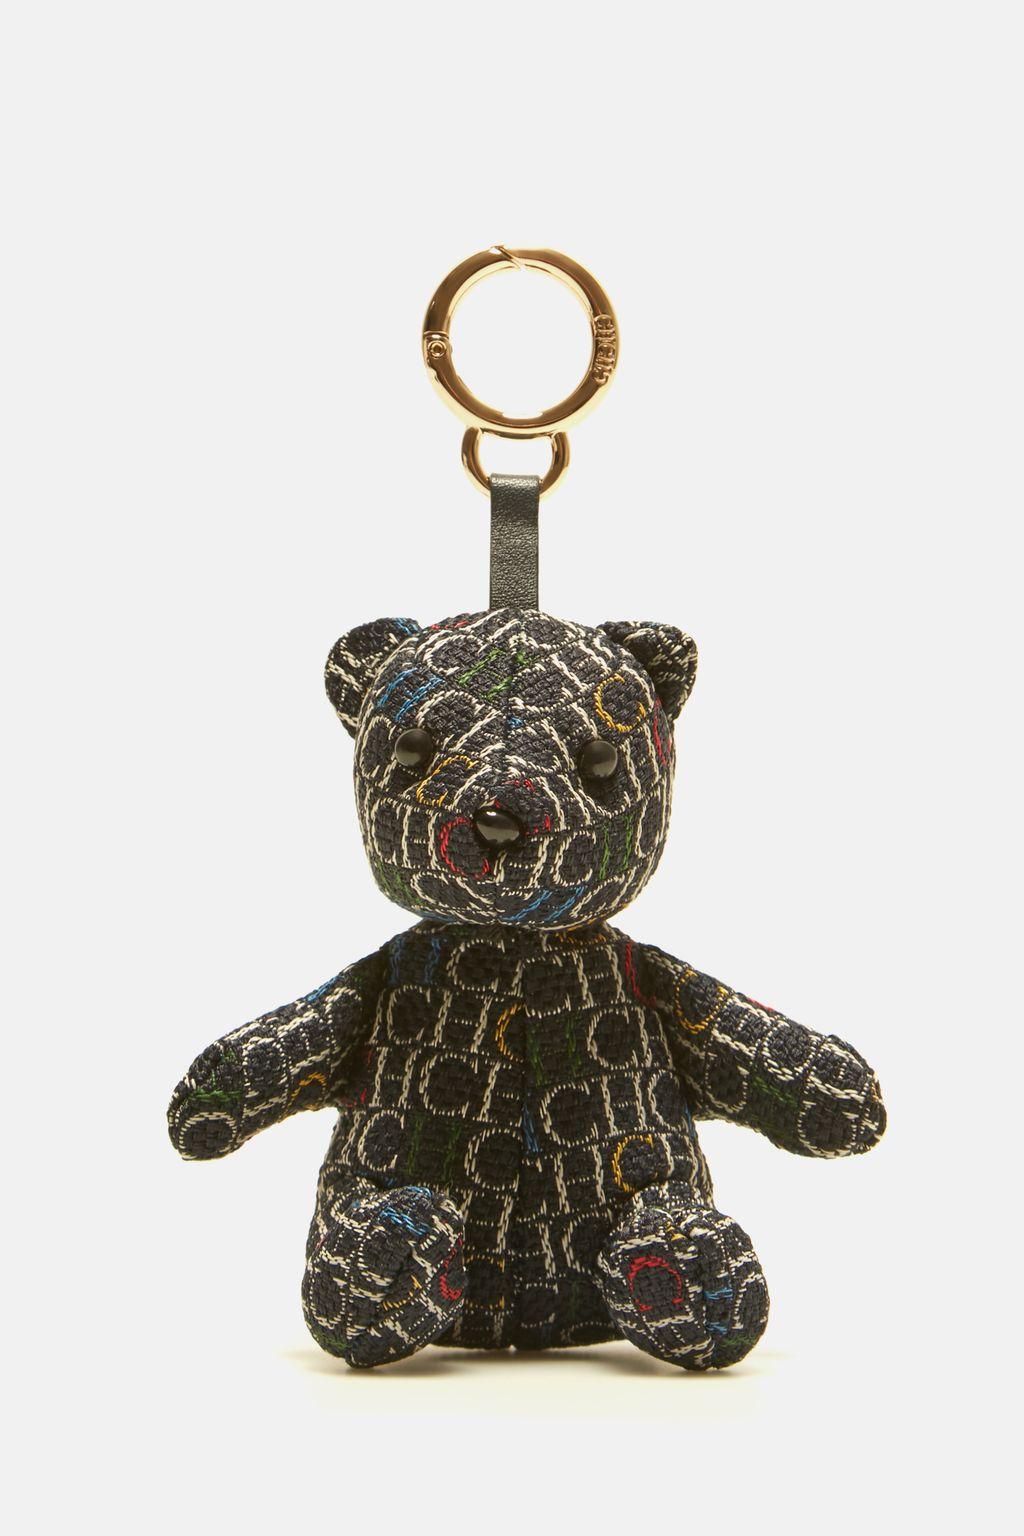 Teddy Bear Bag Charm